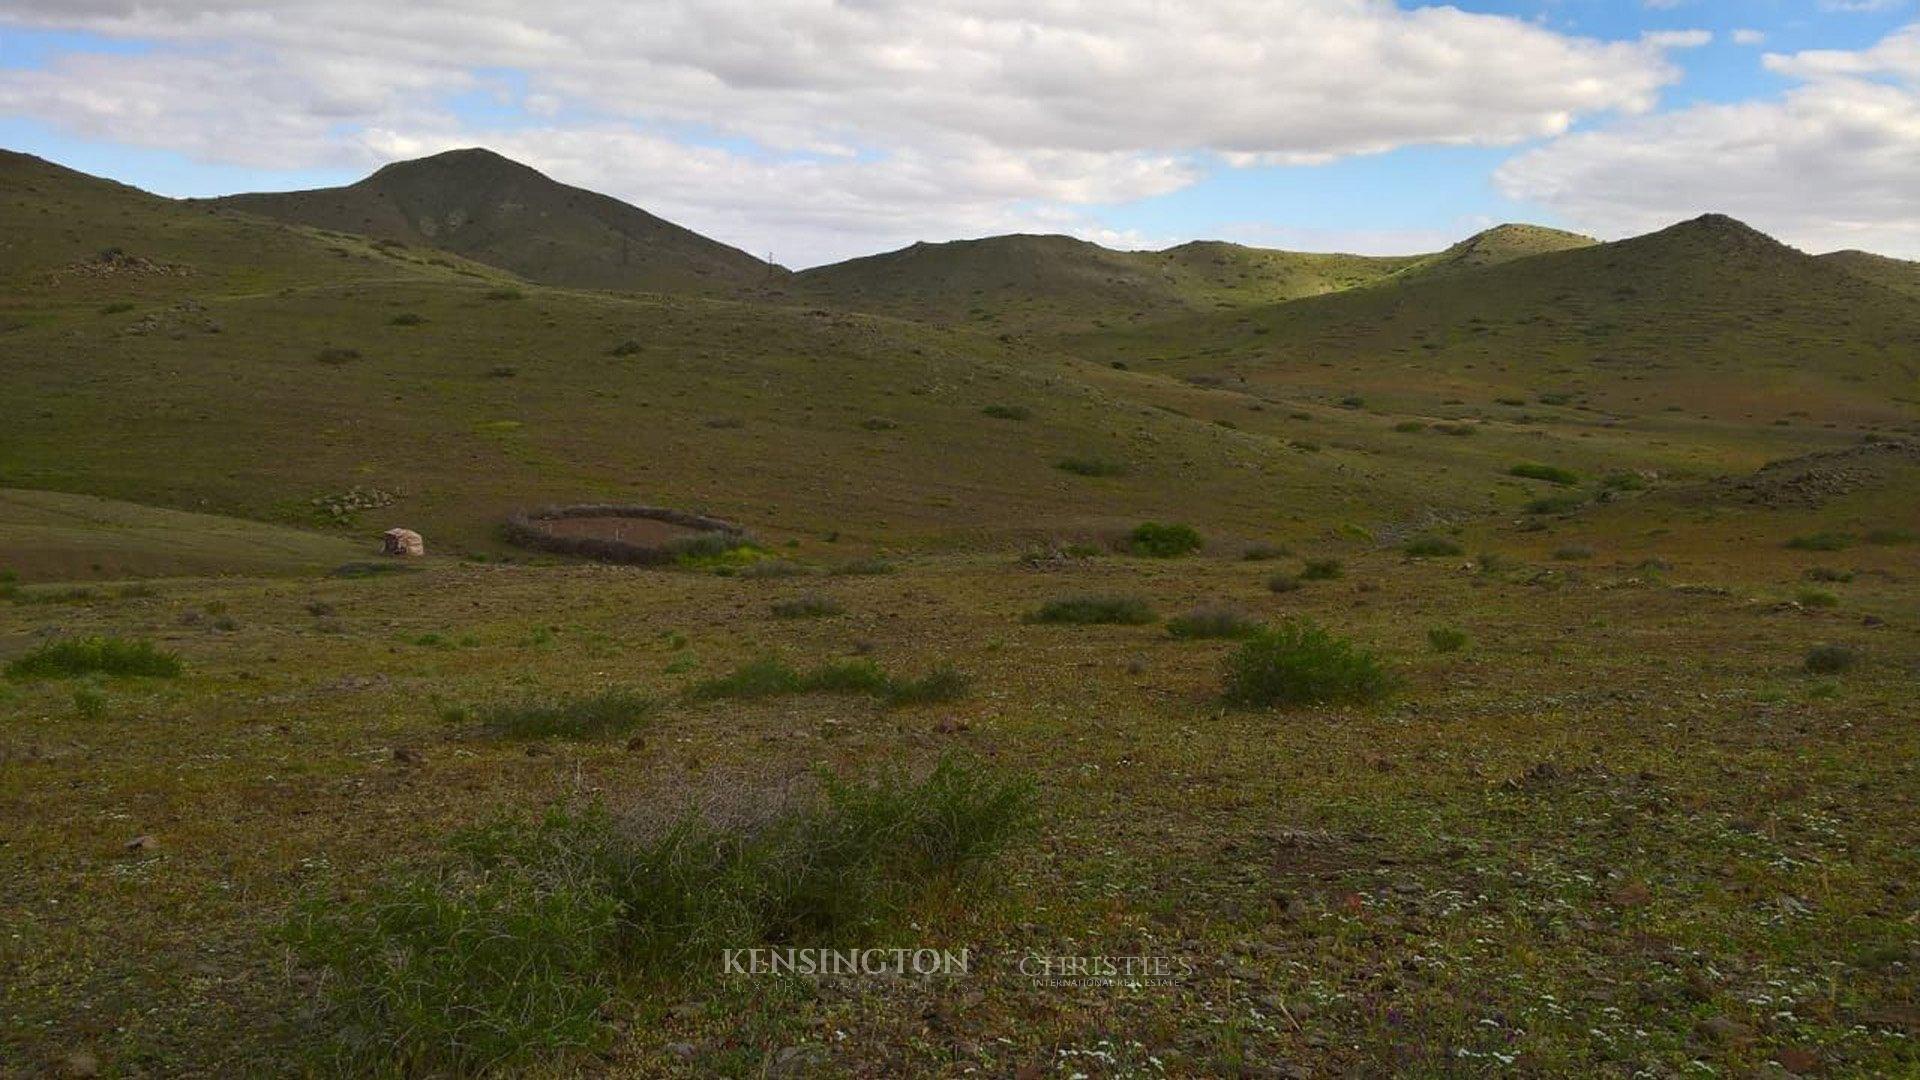 KPPM00947: Terrain near Sidi Bou Othmann Building land Marrakech Morocco